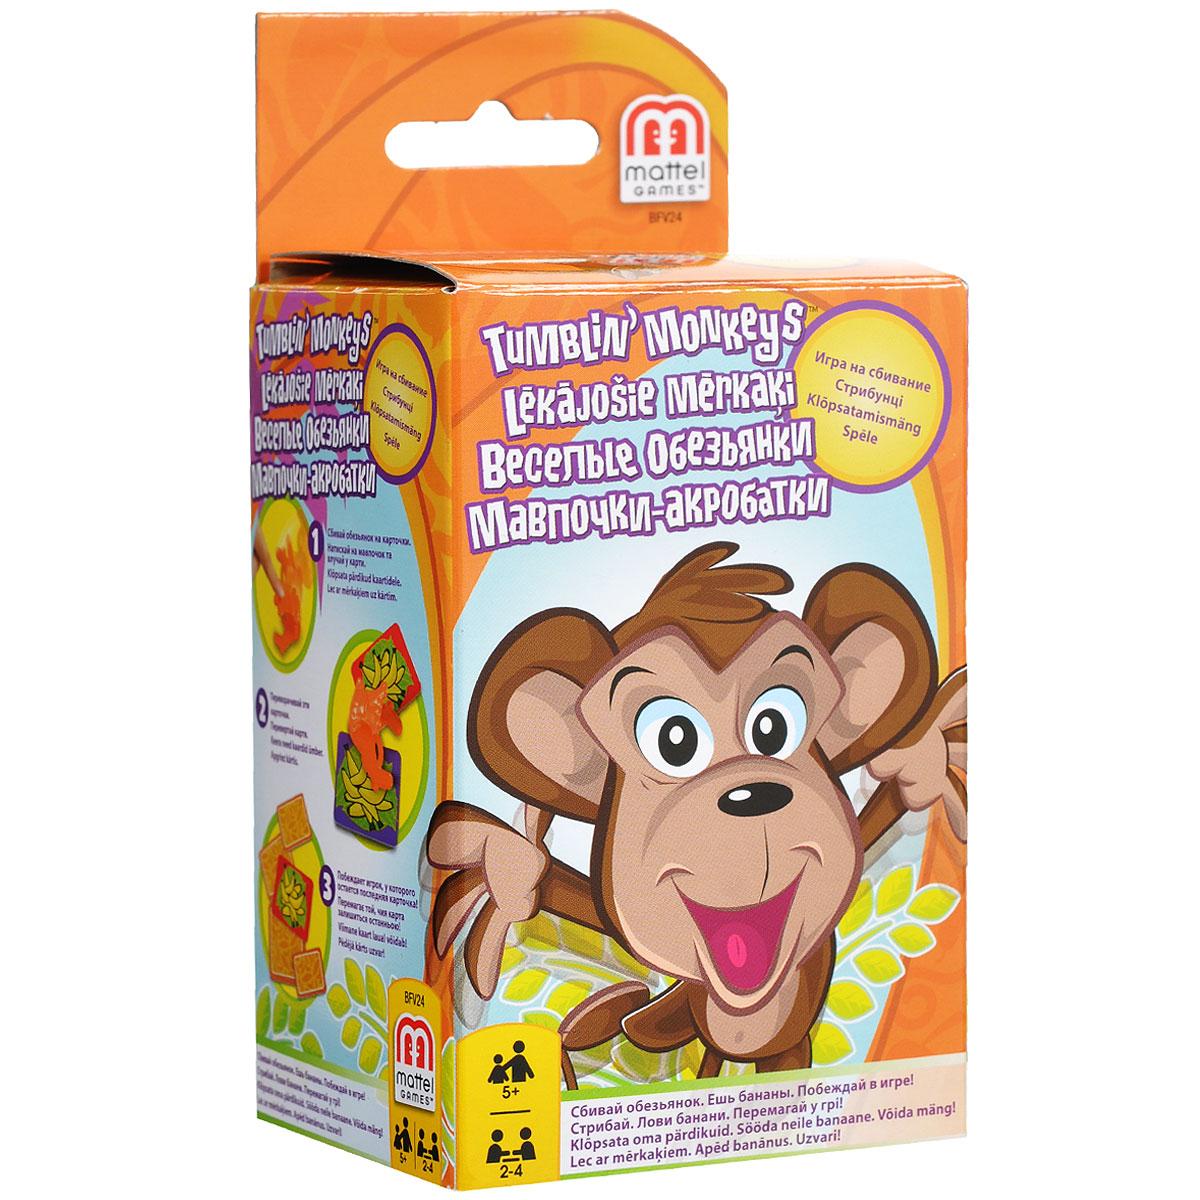 Настольная игра Mattel Games Обезьянка-акробатBMM39_BFV24Эти веселые обезьянки настолько голодны, что падают с дерева! Постарайтесь перебросить своих обезьянок на карты соперников. Если вы приземлитесь в положенном месте, их карты перевернутся противоположной стороной. Однако будьте осторожны - если приземлитесь на свою карту, то она тоже перевернется! Игрок, у которого остается последняя карточка с бананами, становится победителем. Комплект игры содержит восемь забавных фигурок обезьянок, 12 карточек с бананами, четыре игральные карты и правила игры на русском языке.